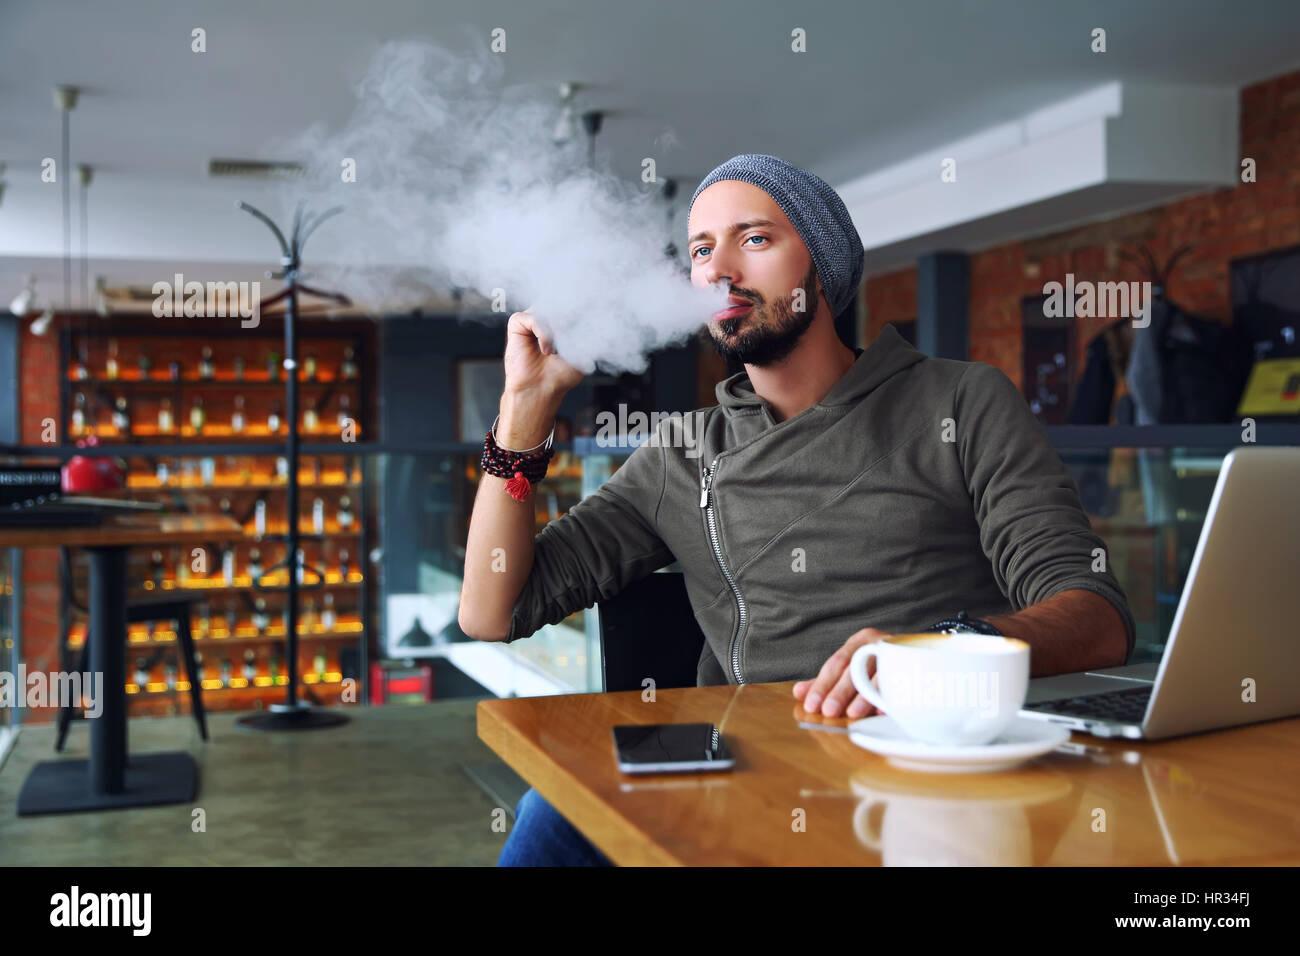 Giovane bello hipster l uomo con la barba seduto nella caffetteria con una tazza di caffè, vaping e rilascia una Foto Stock